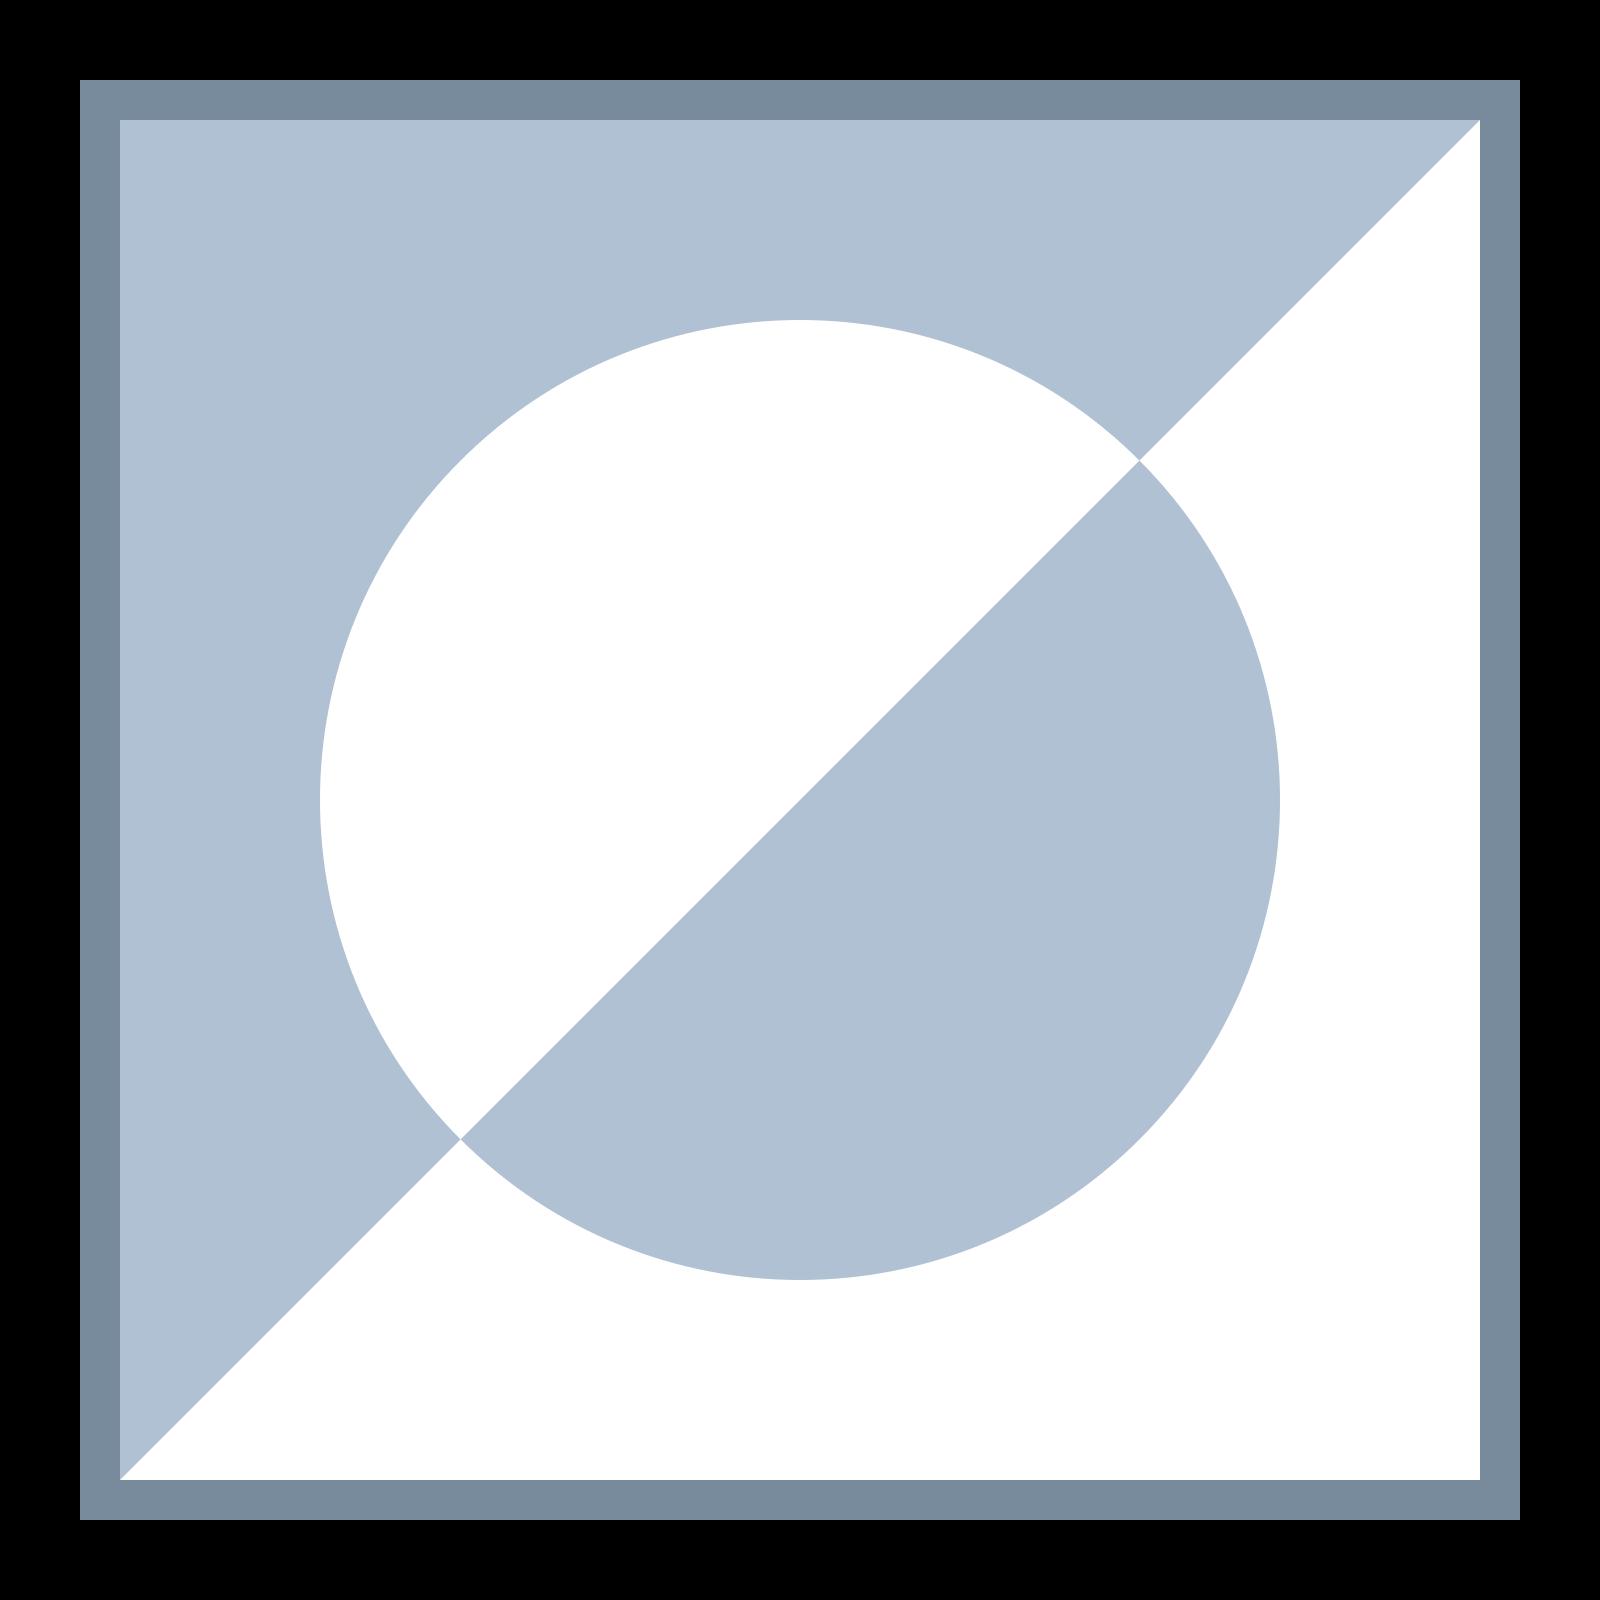 選択反転 icon. It is a square with a circle inside it. The square has a diagonal line from the bottom-left corner to the top-right corner that splits the square and circle into two triangles with half-circles inside them. The top-left triangle is filled with dots outside of the half-circle, whereas the bottom-right triangle is only filled with dots inside the half-circle.